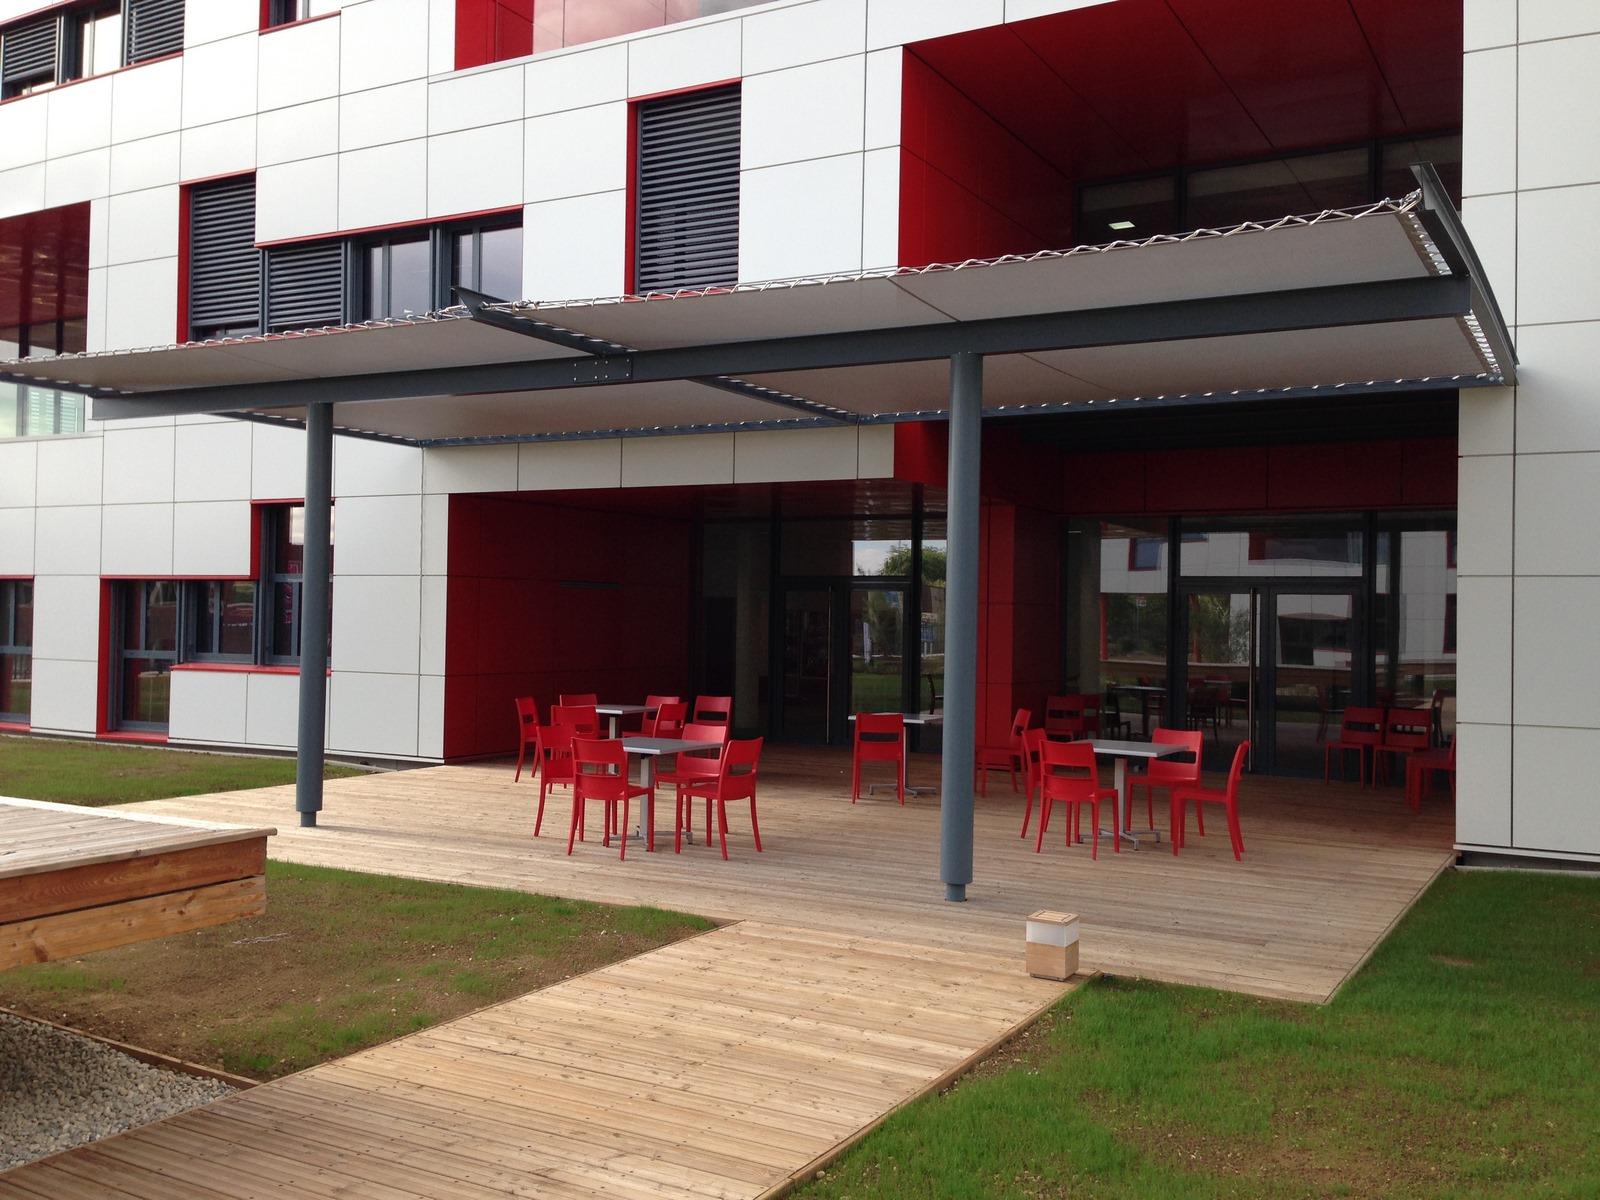 Siège Manitowoc - Dardilly : espaces extérieurs - Z Architecture